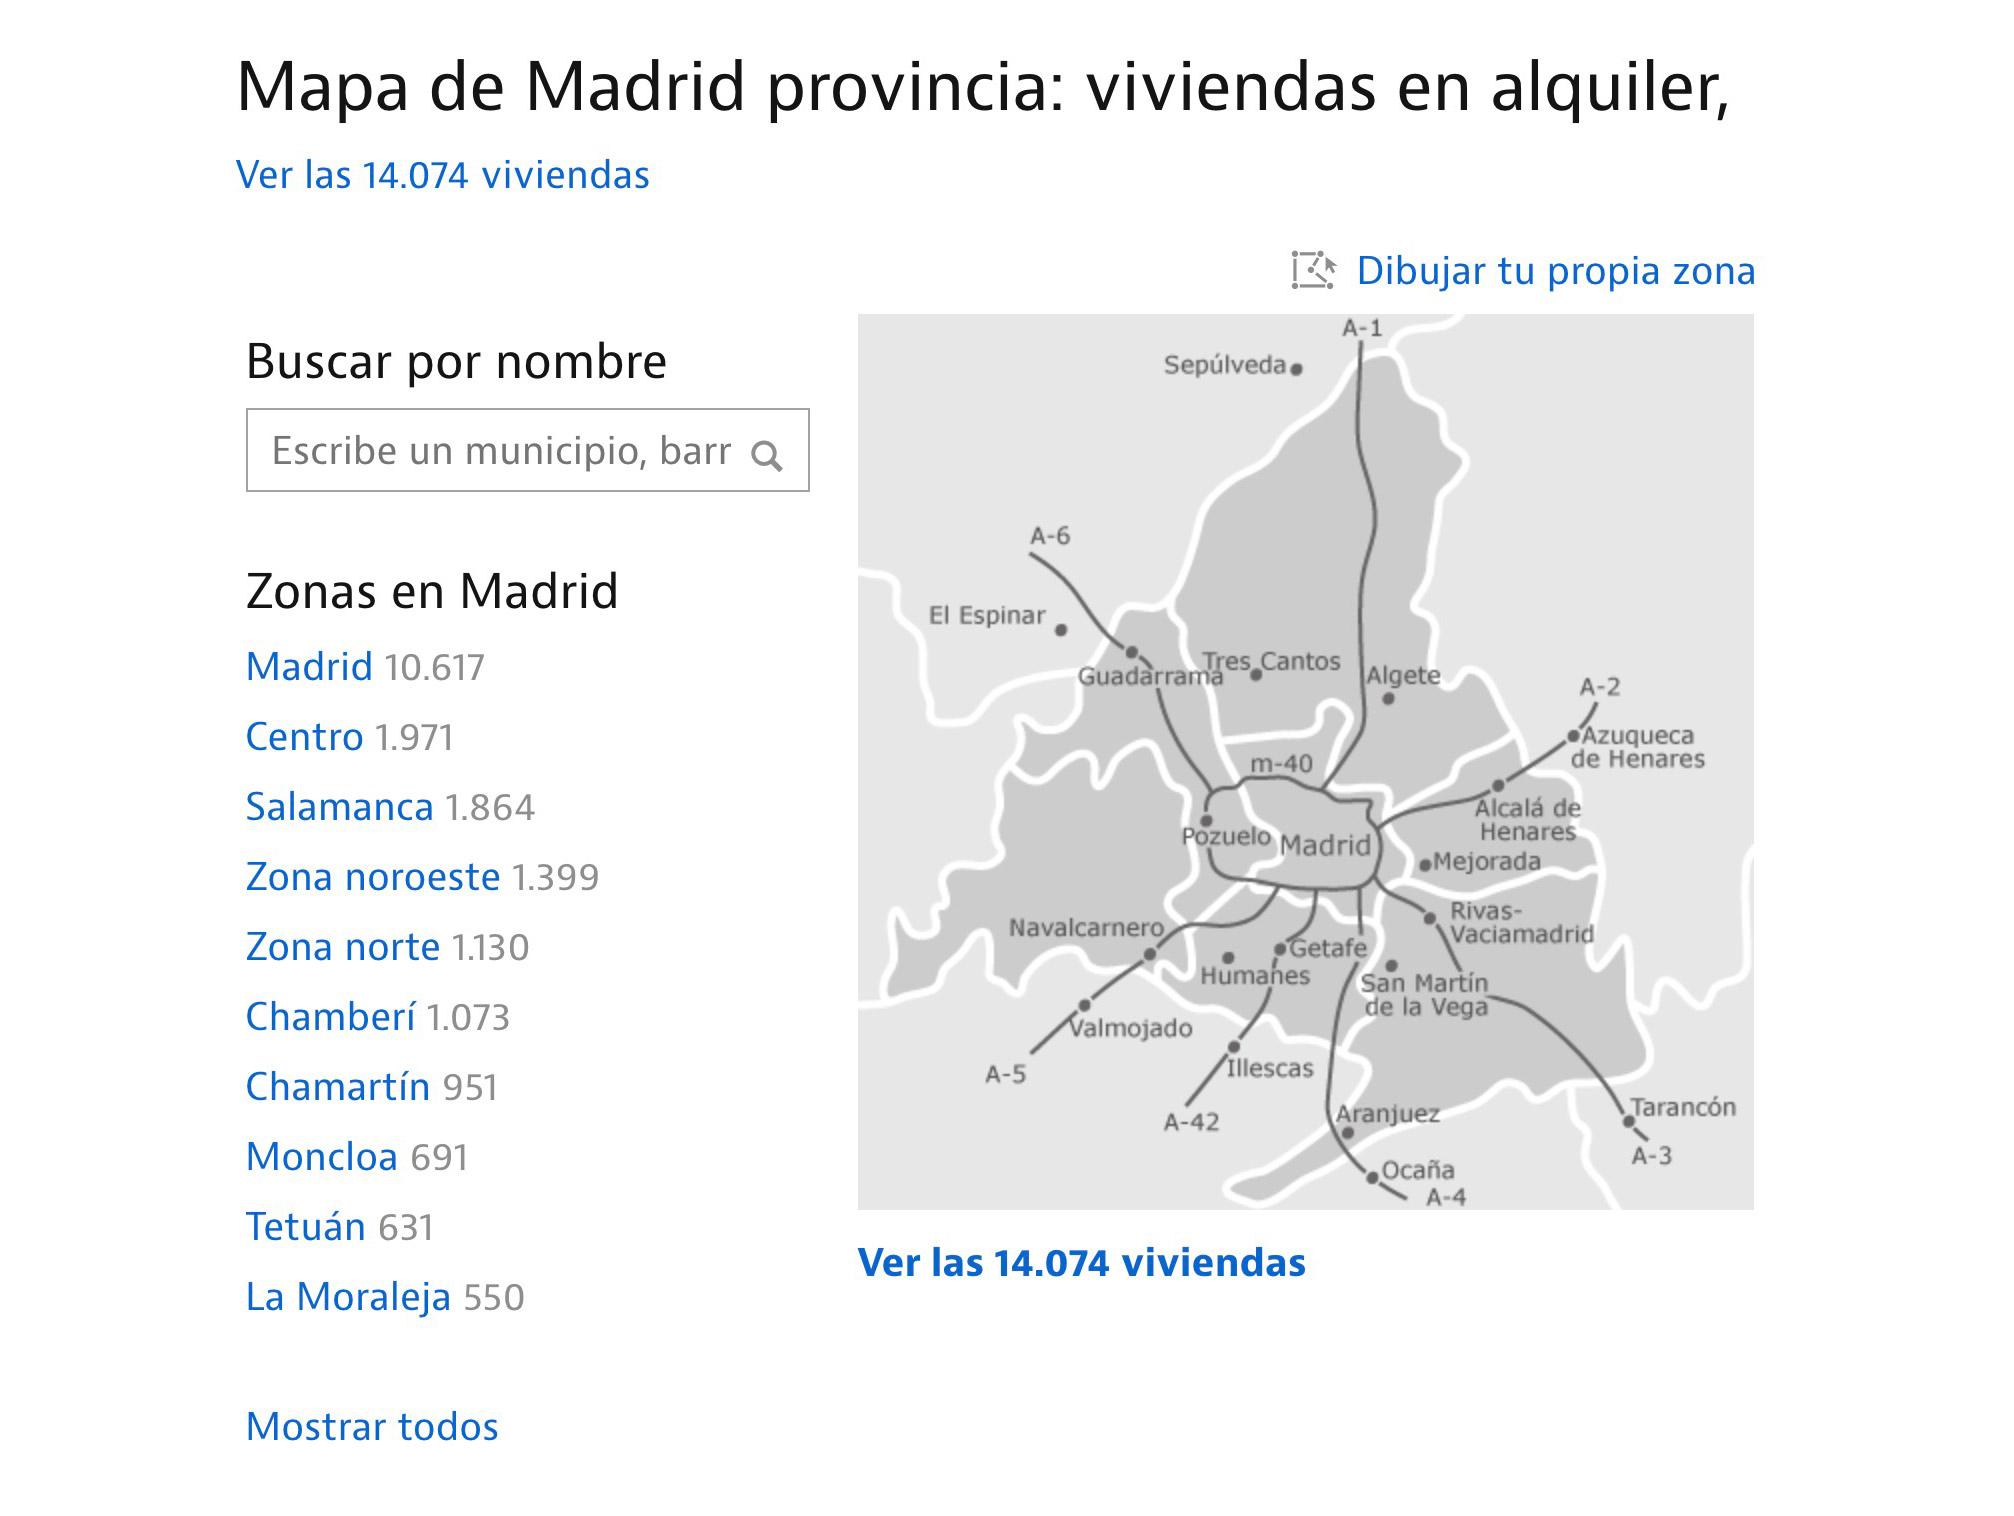 Сайт Idealista — самая удобная платформа для поиска жилья: можно искать по списку или по карте города